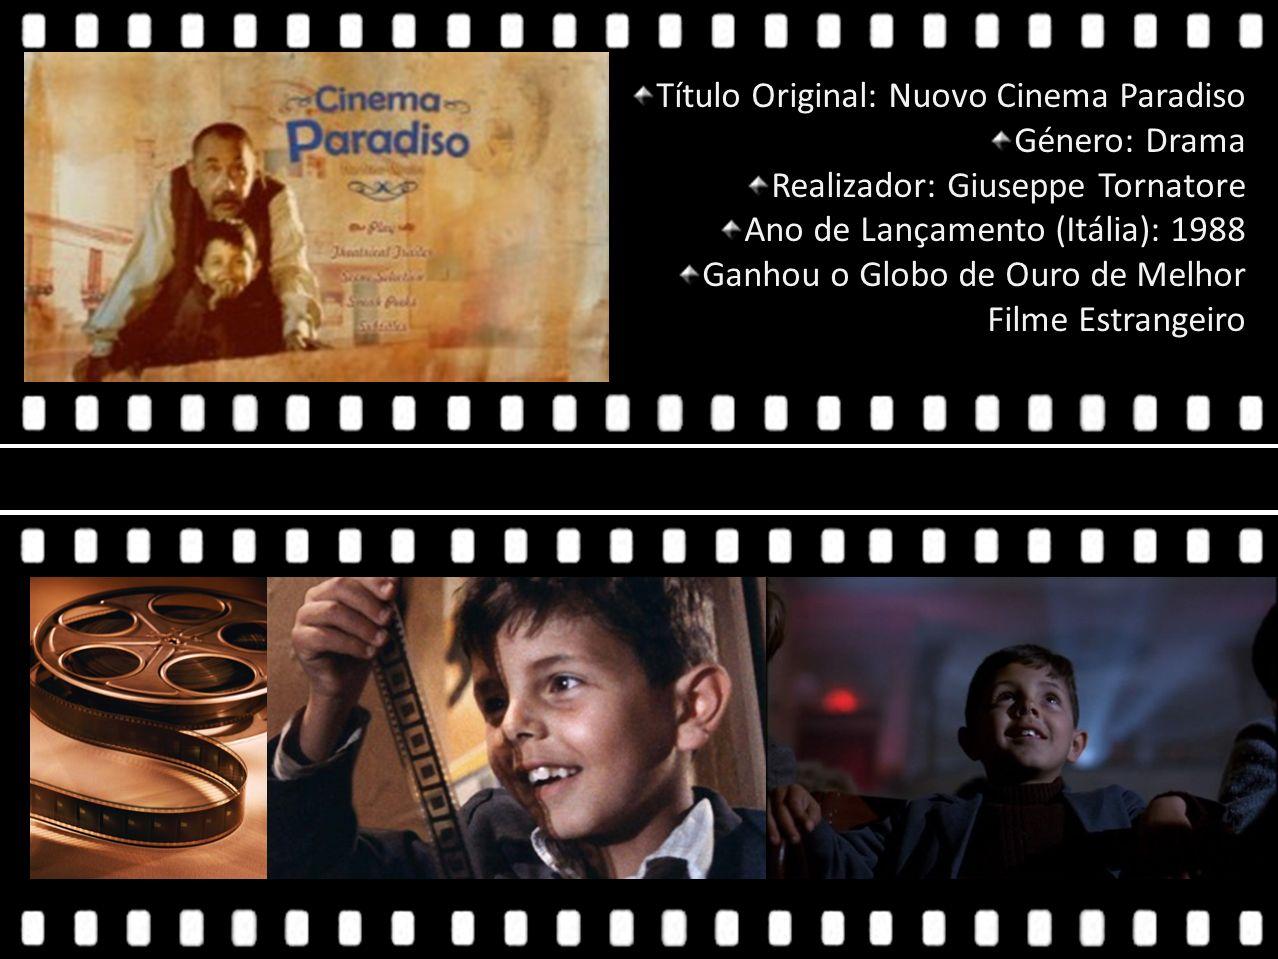 Título Original: Nuovo Cinema Paradiso